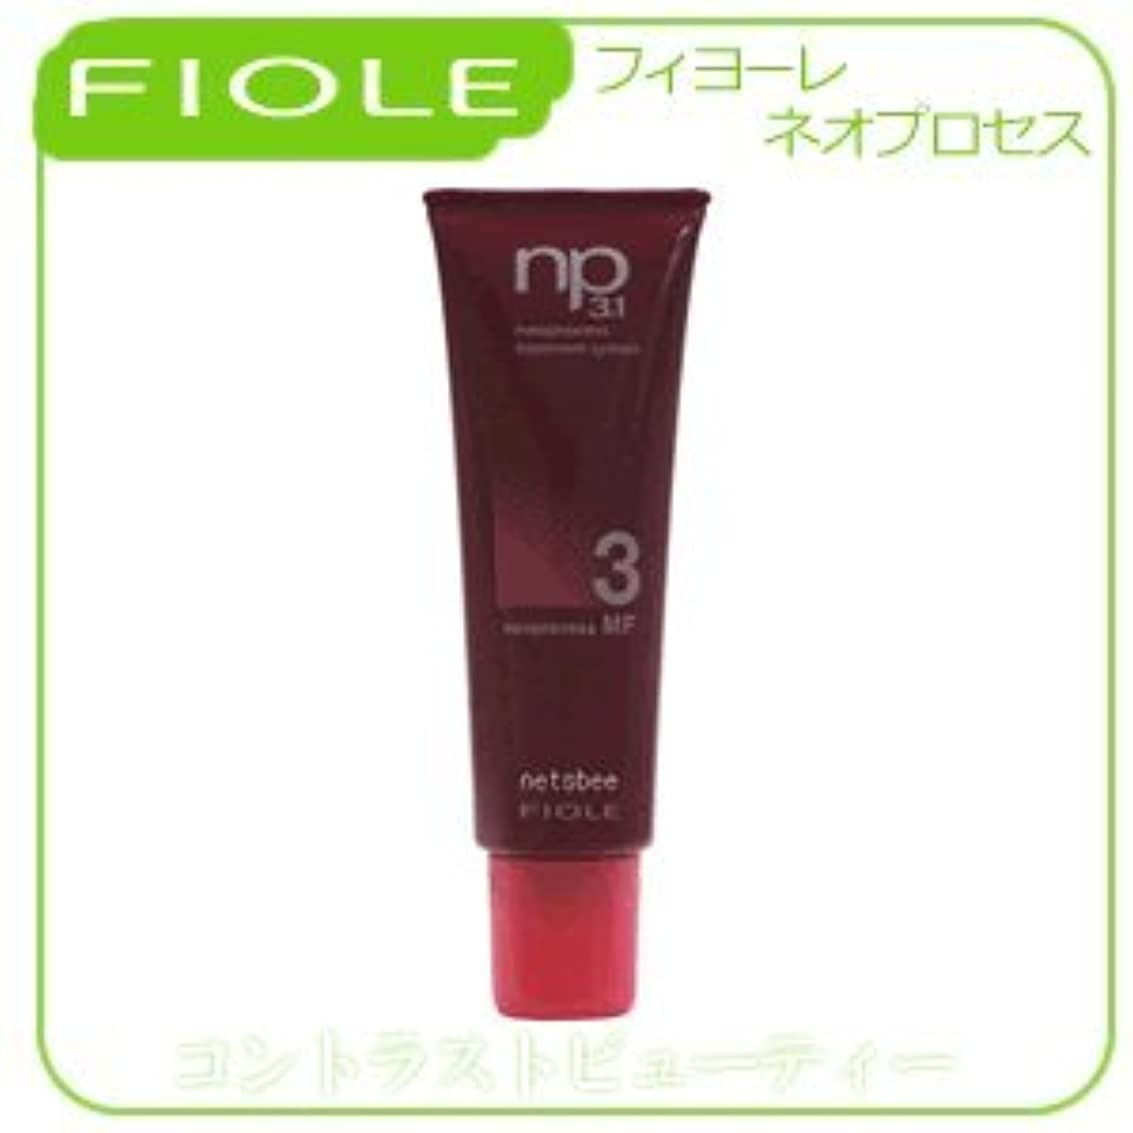 衝撃ホールド妊娠した【X2個セット】 フィヨーレ NP3.1 ネオプロセス MF3 130g FIOLE ネオプロセス